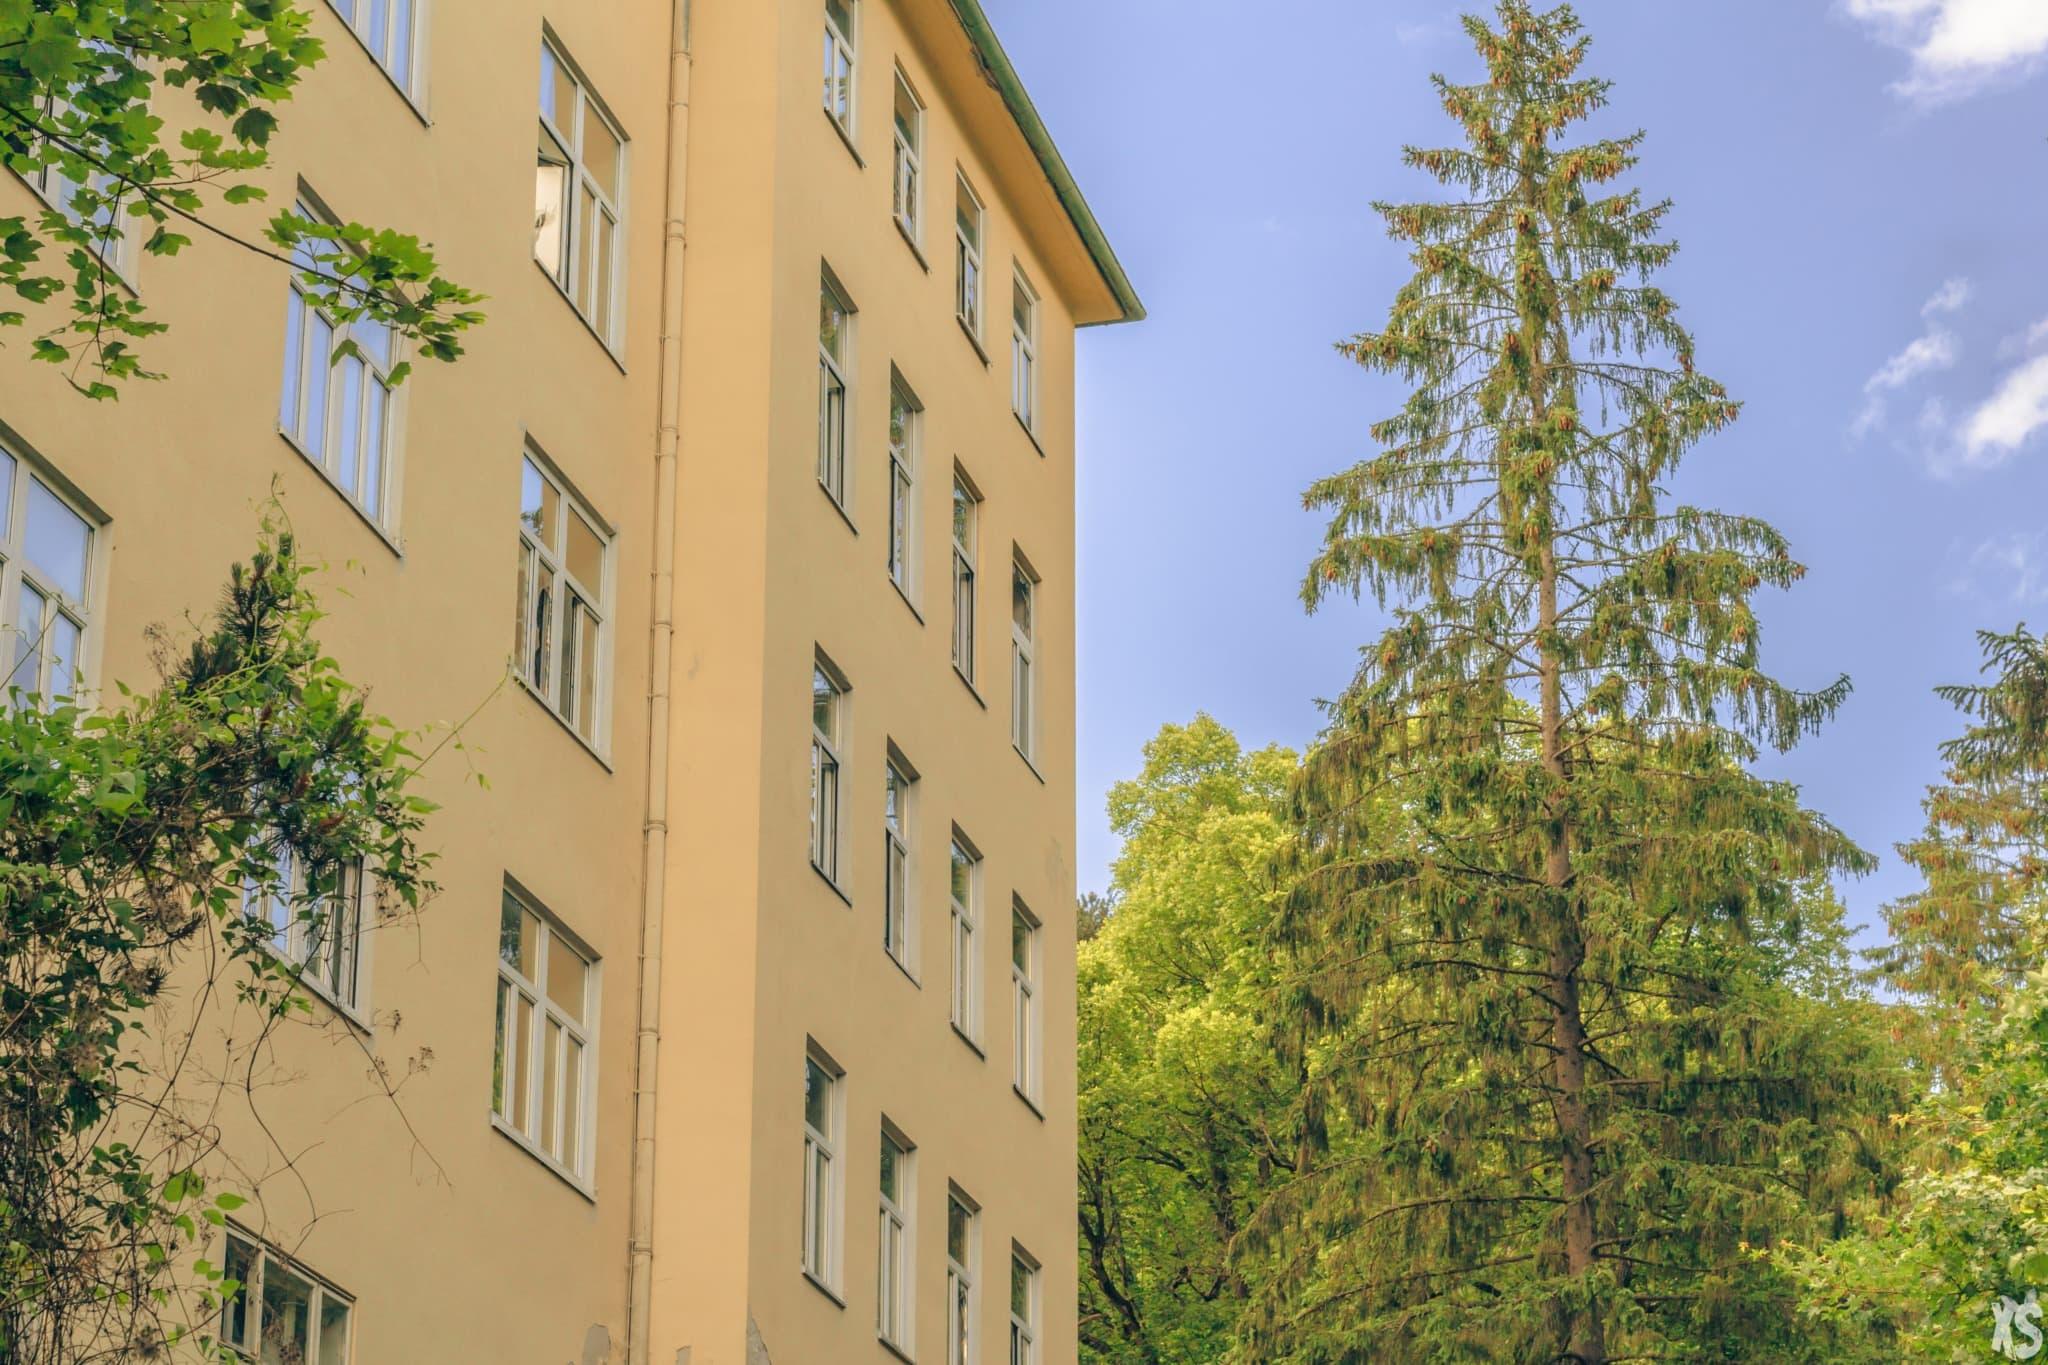 sanatorium-wienerwald-19